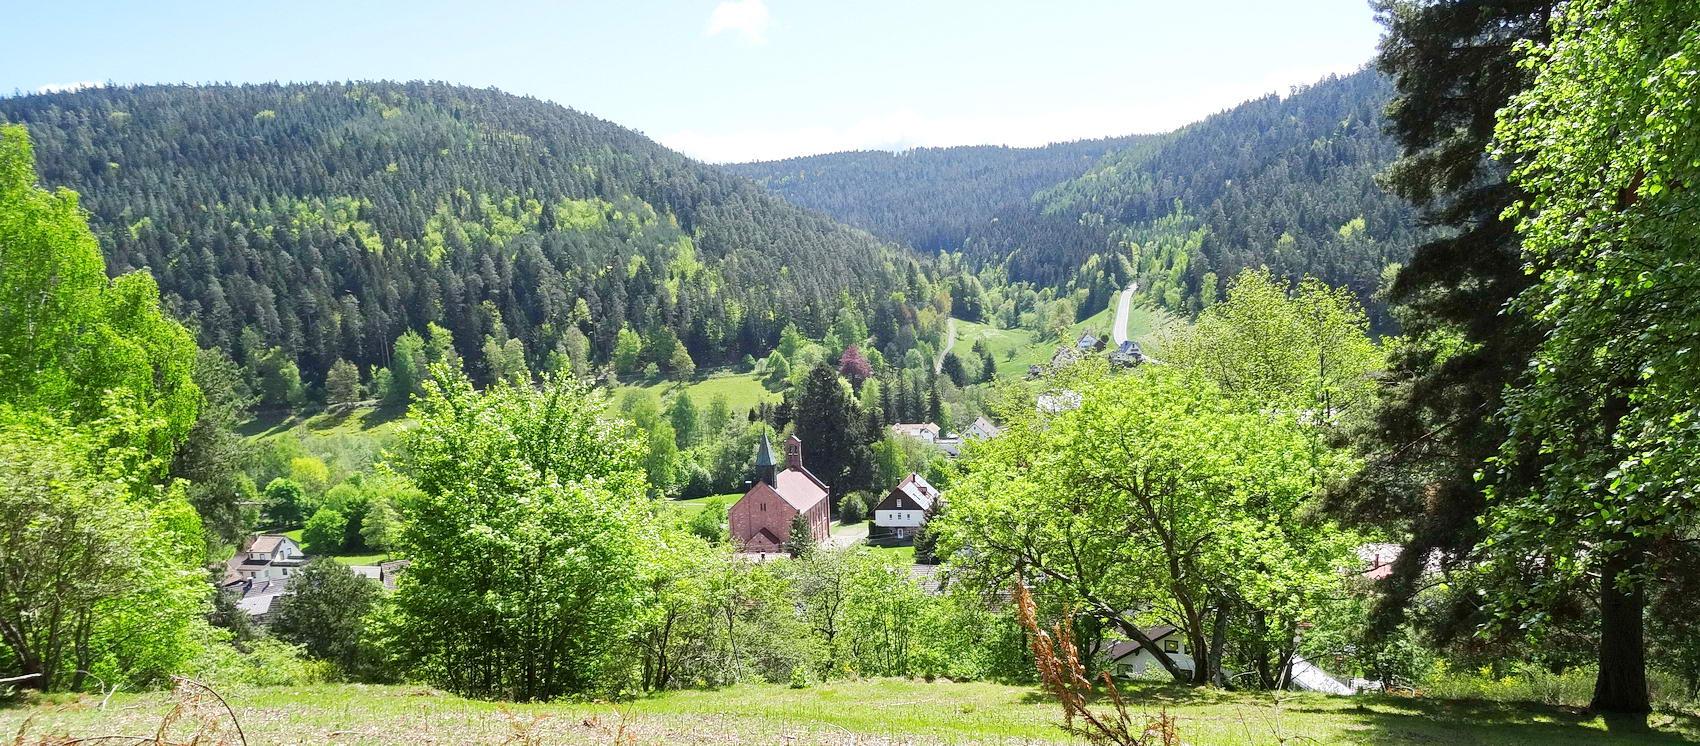 Les prix et l 39 heures d ouverture au camping m llerwiese - Chambre d hotes foret noire allemagne ...